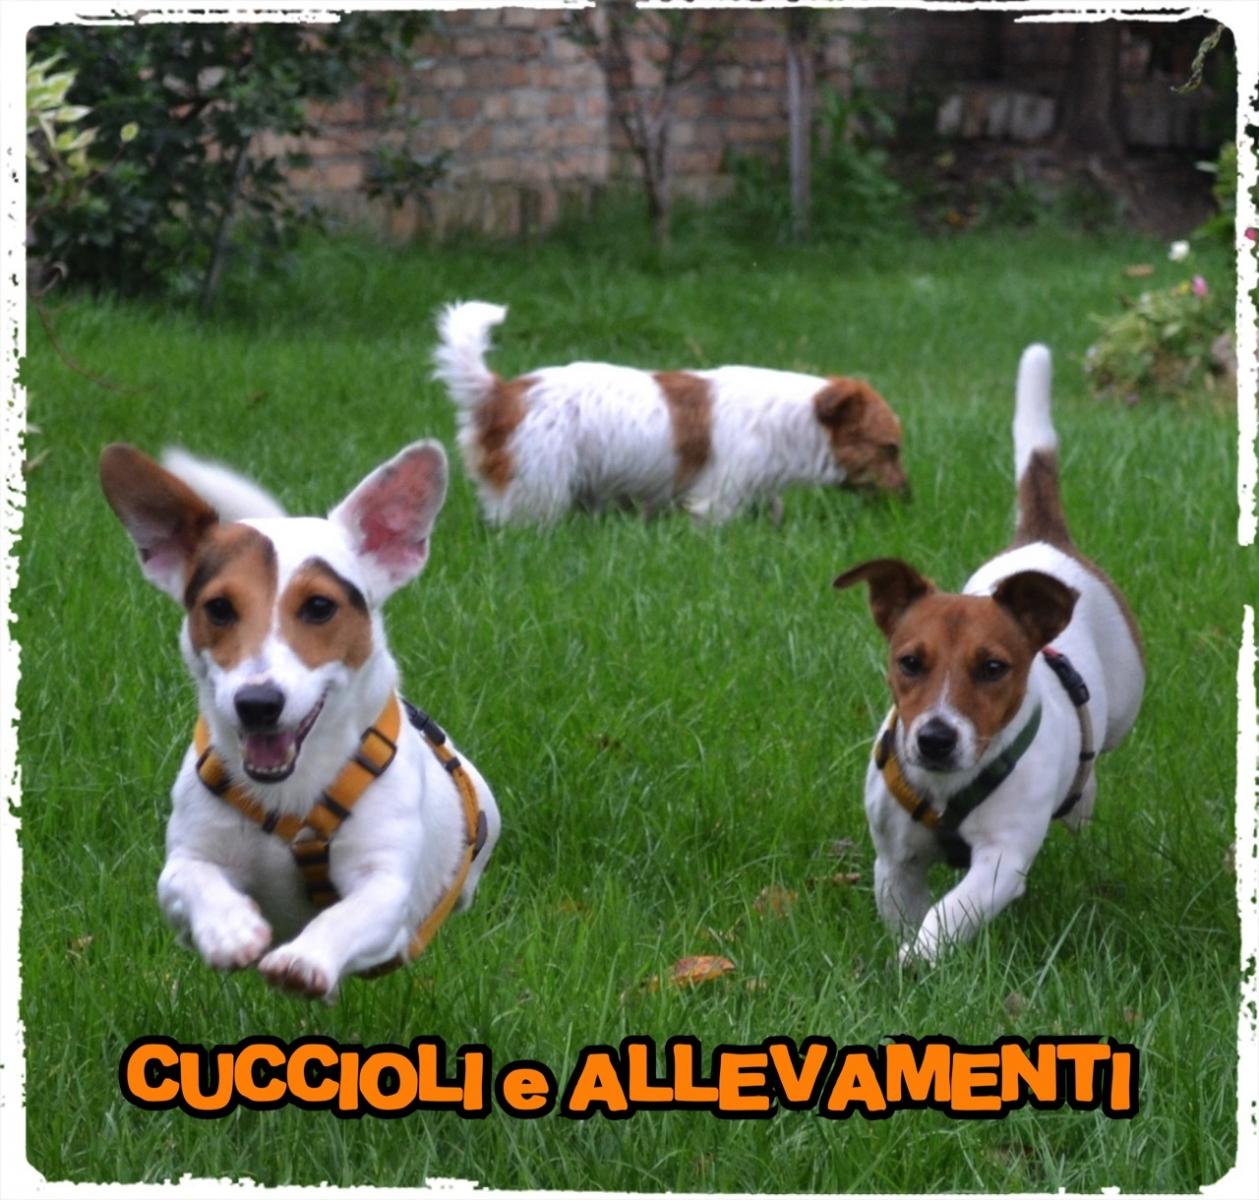 Cuccioli e Allevamenti 12_wm